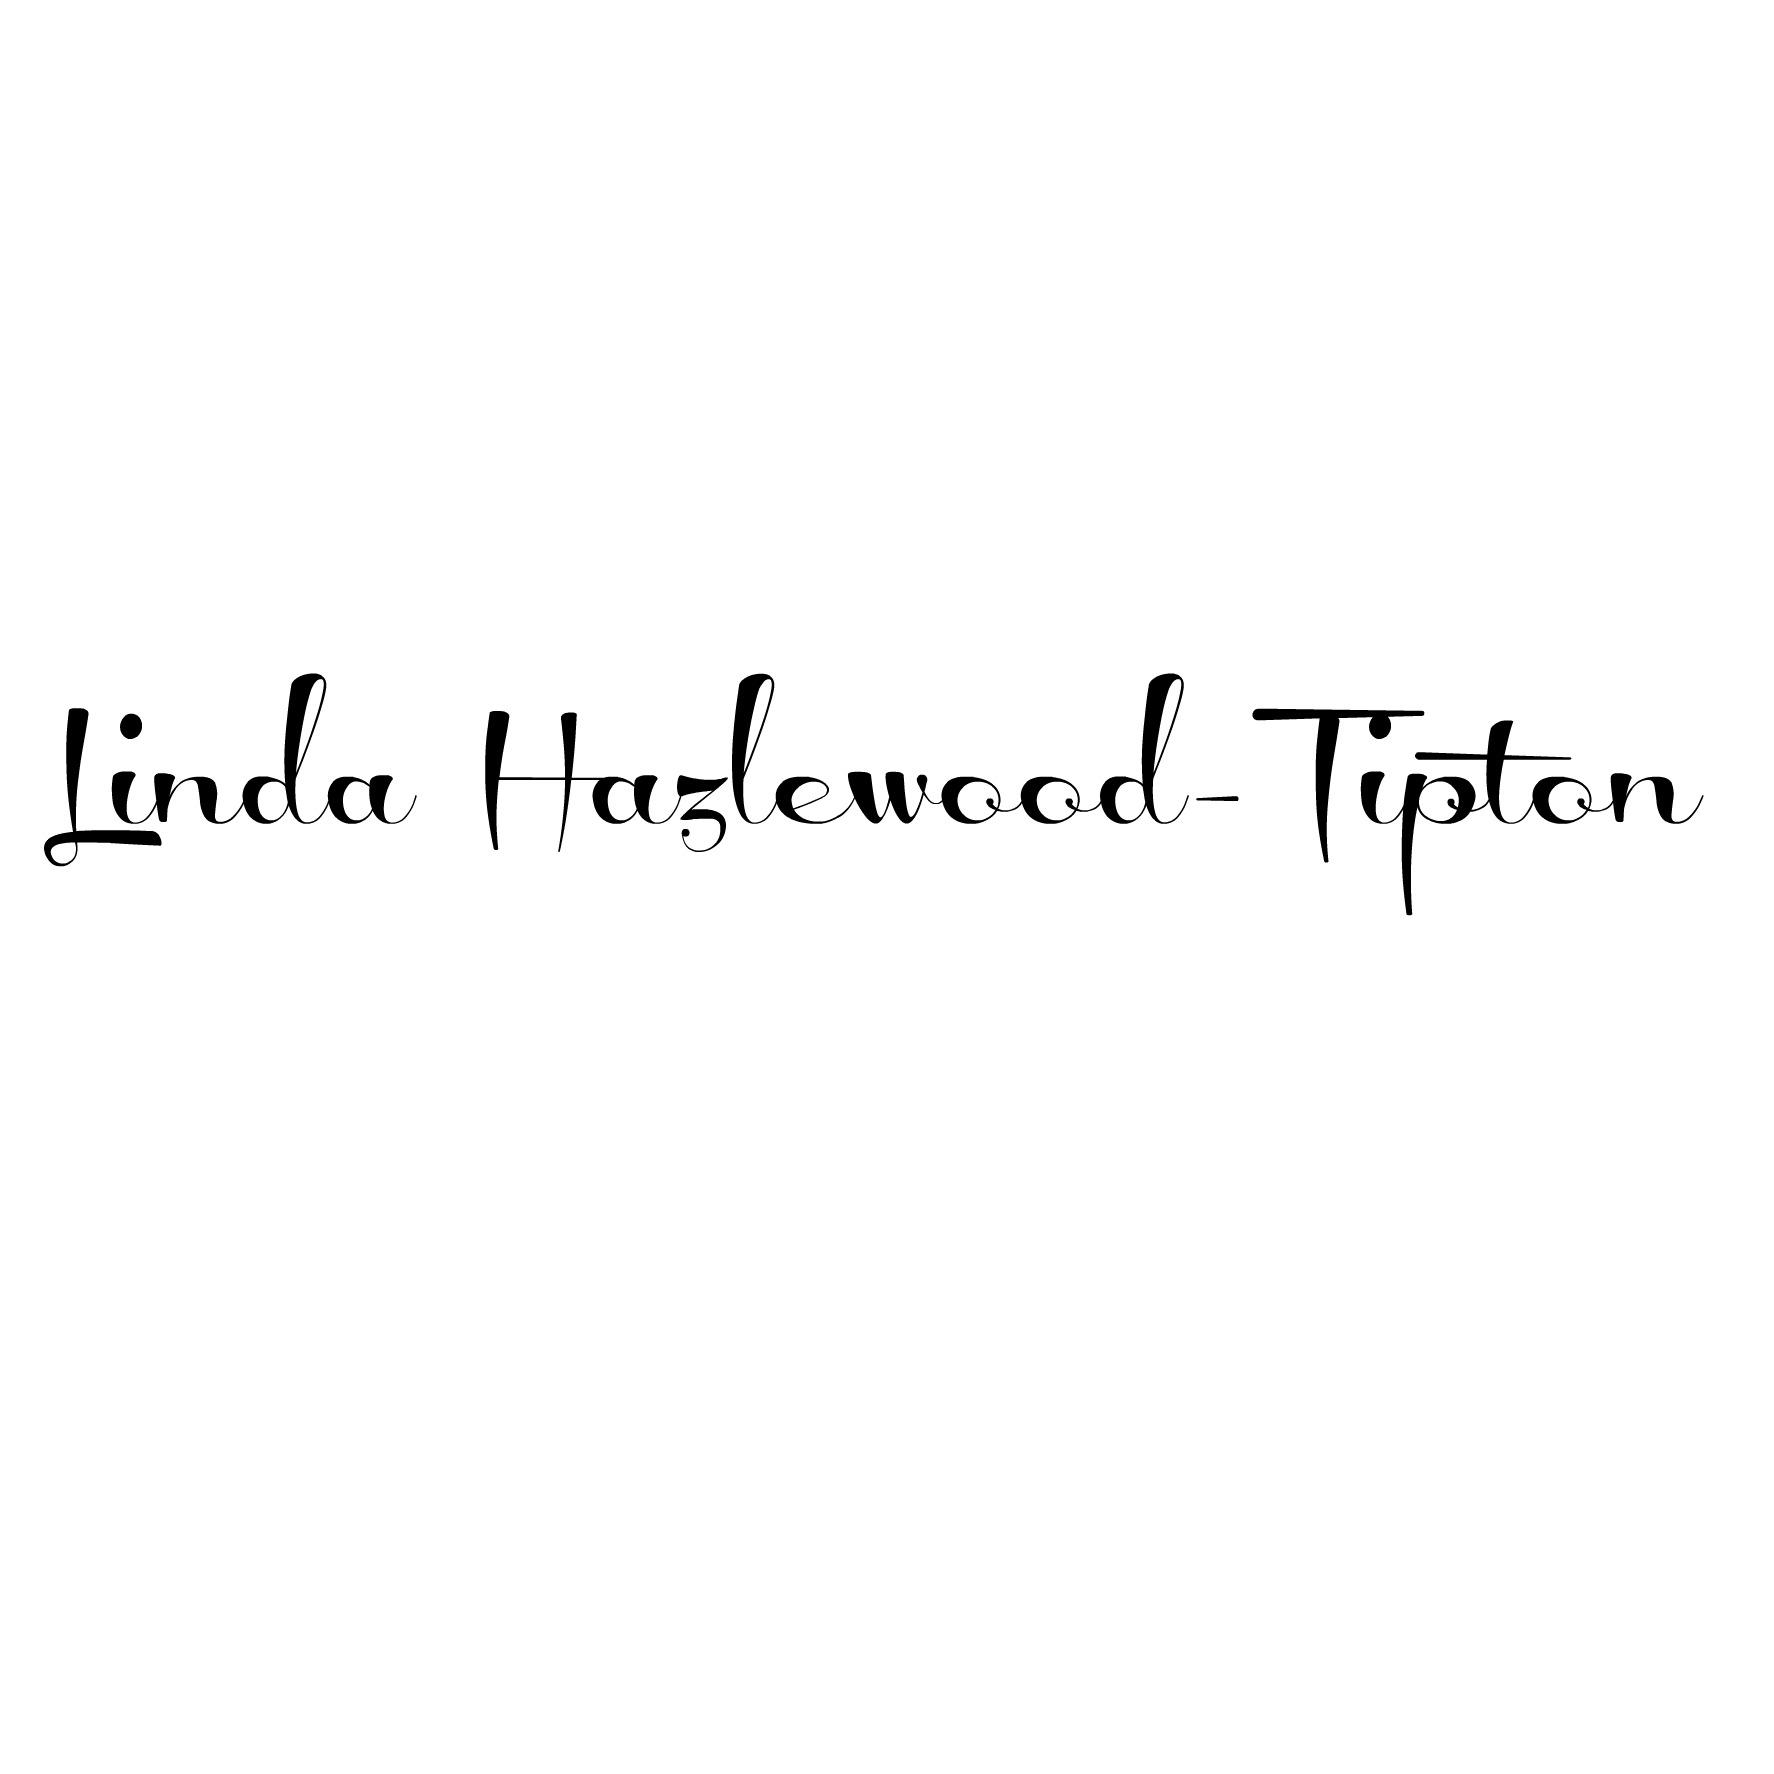 linda tipton Signature